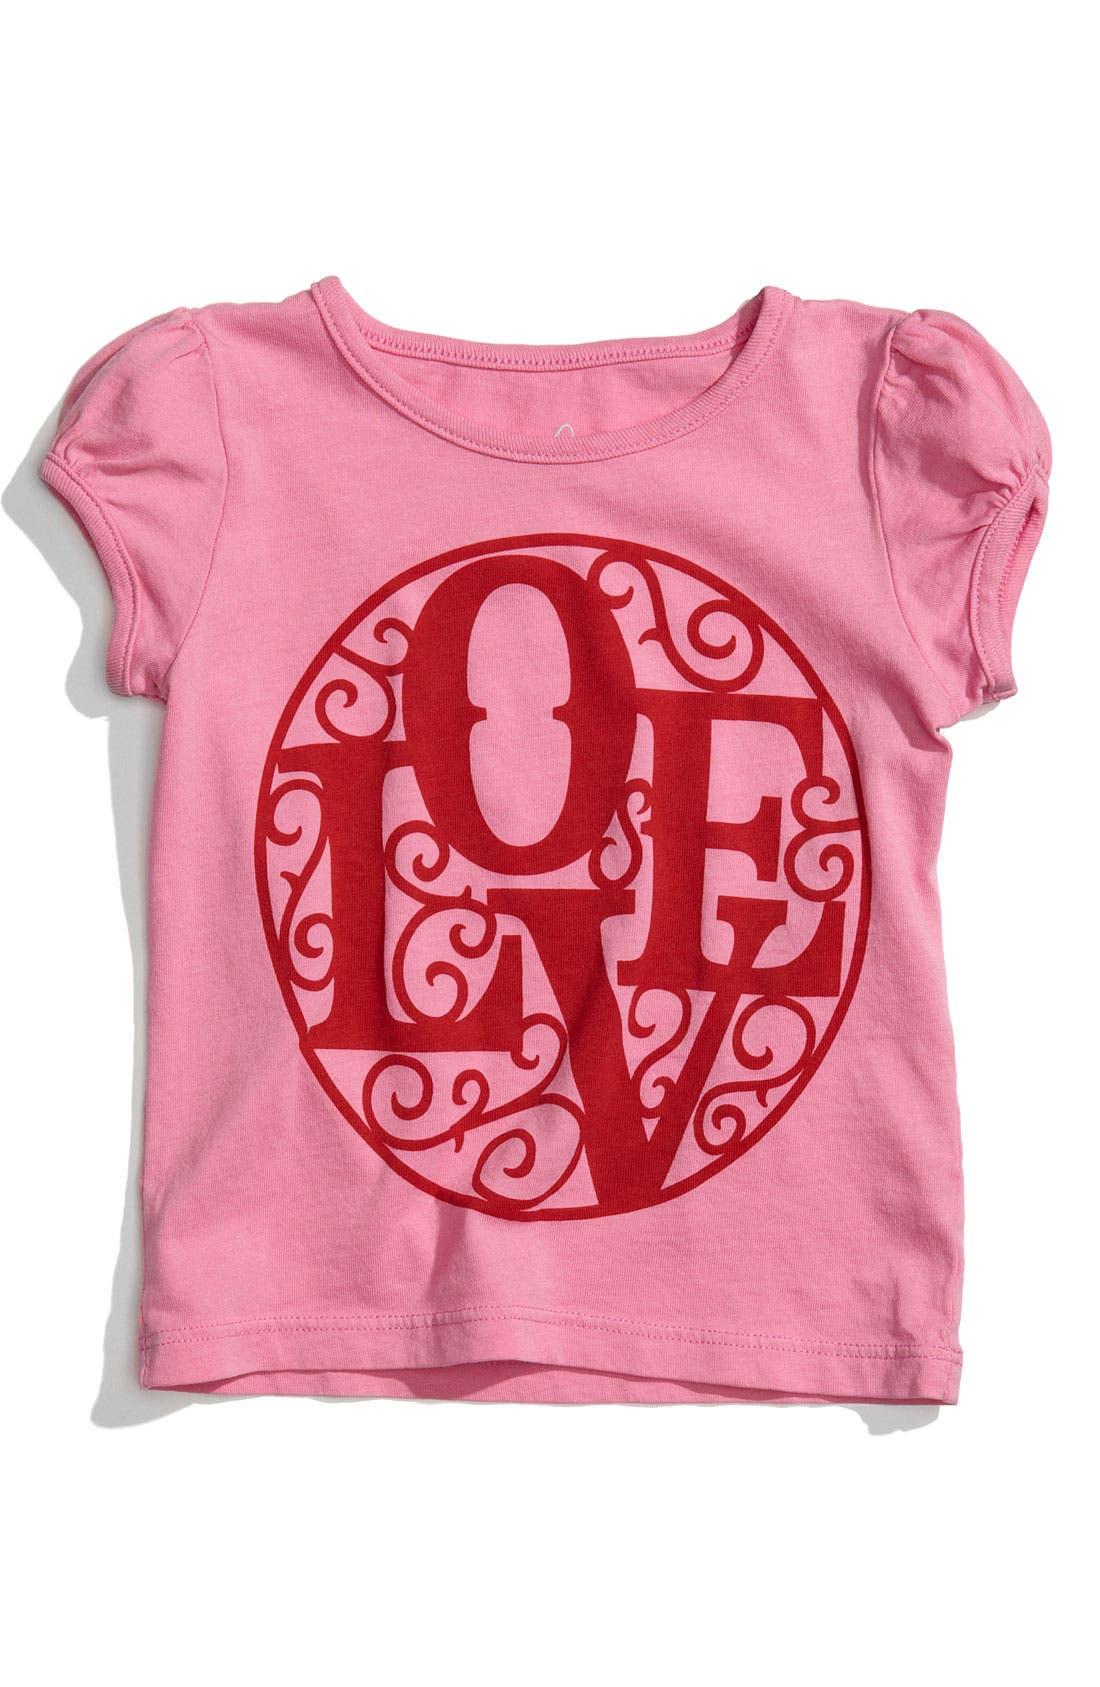 Main Image - Peek 'Love' Tee (Infant)